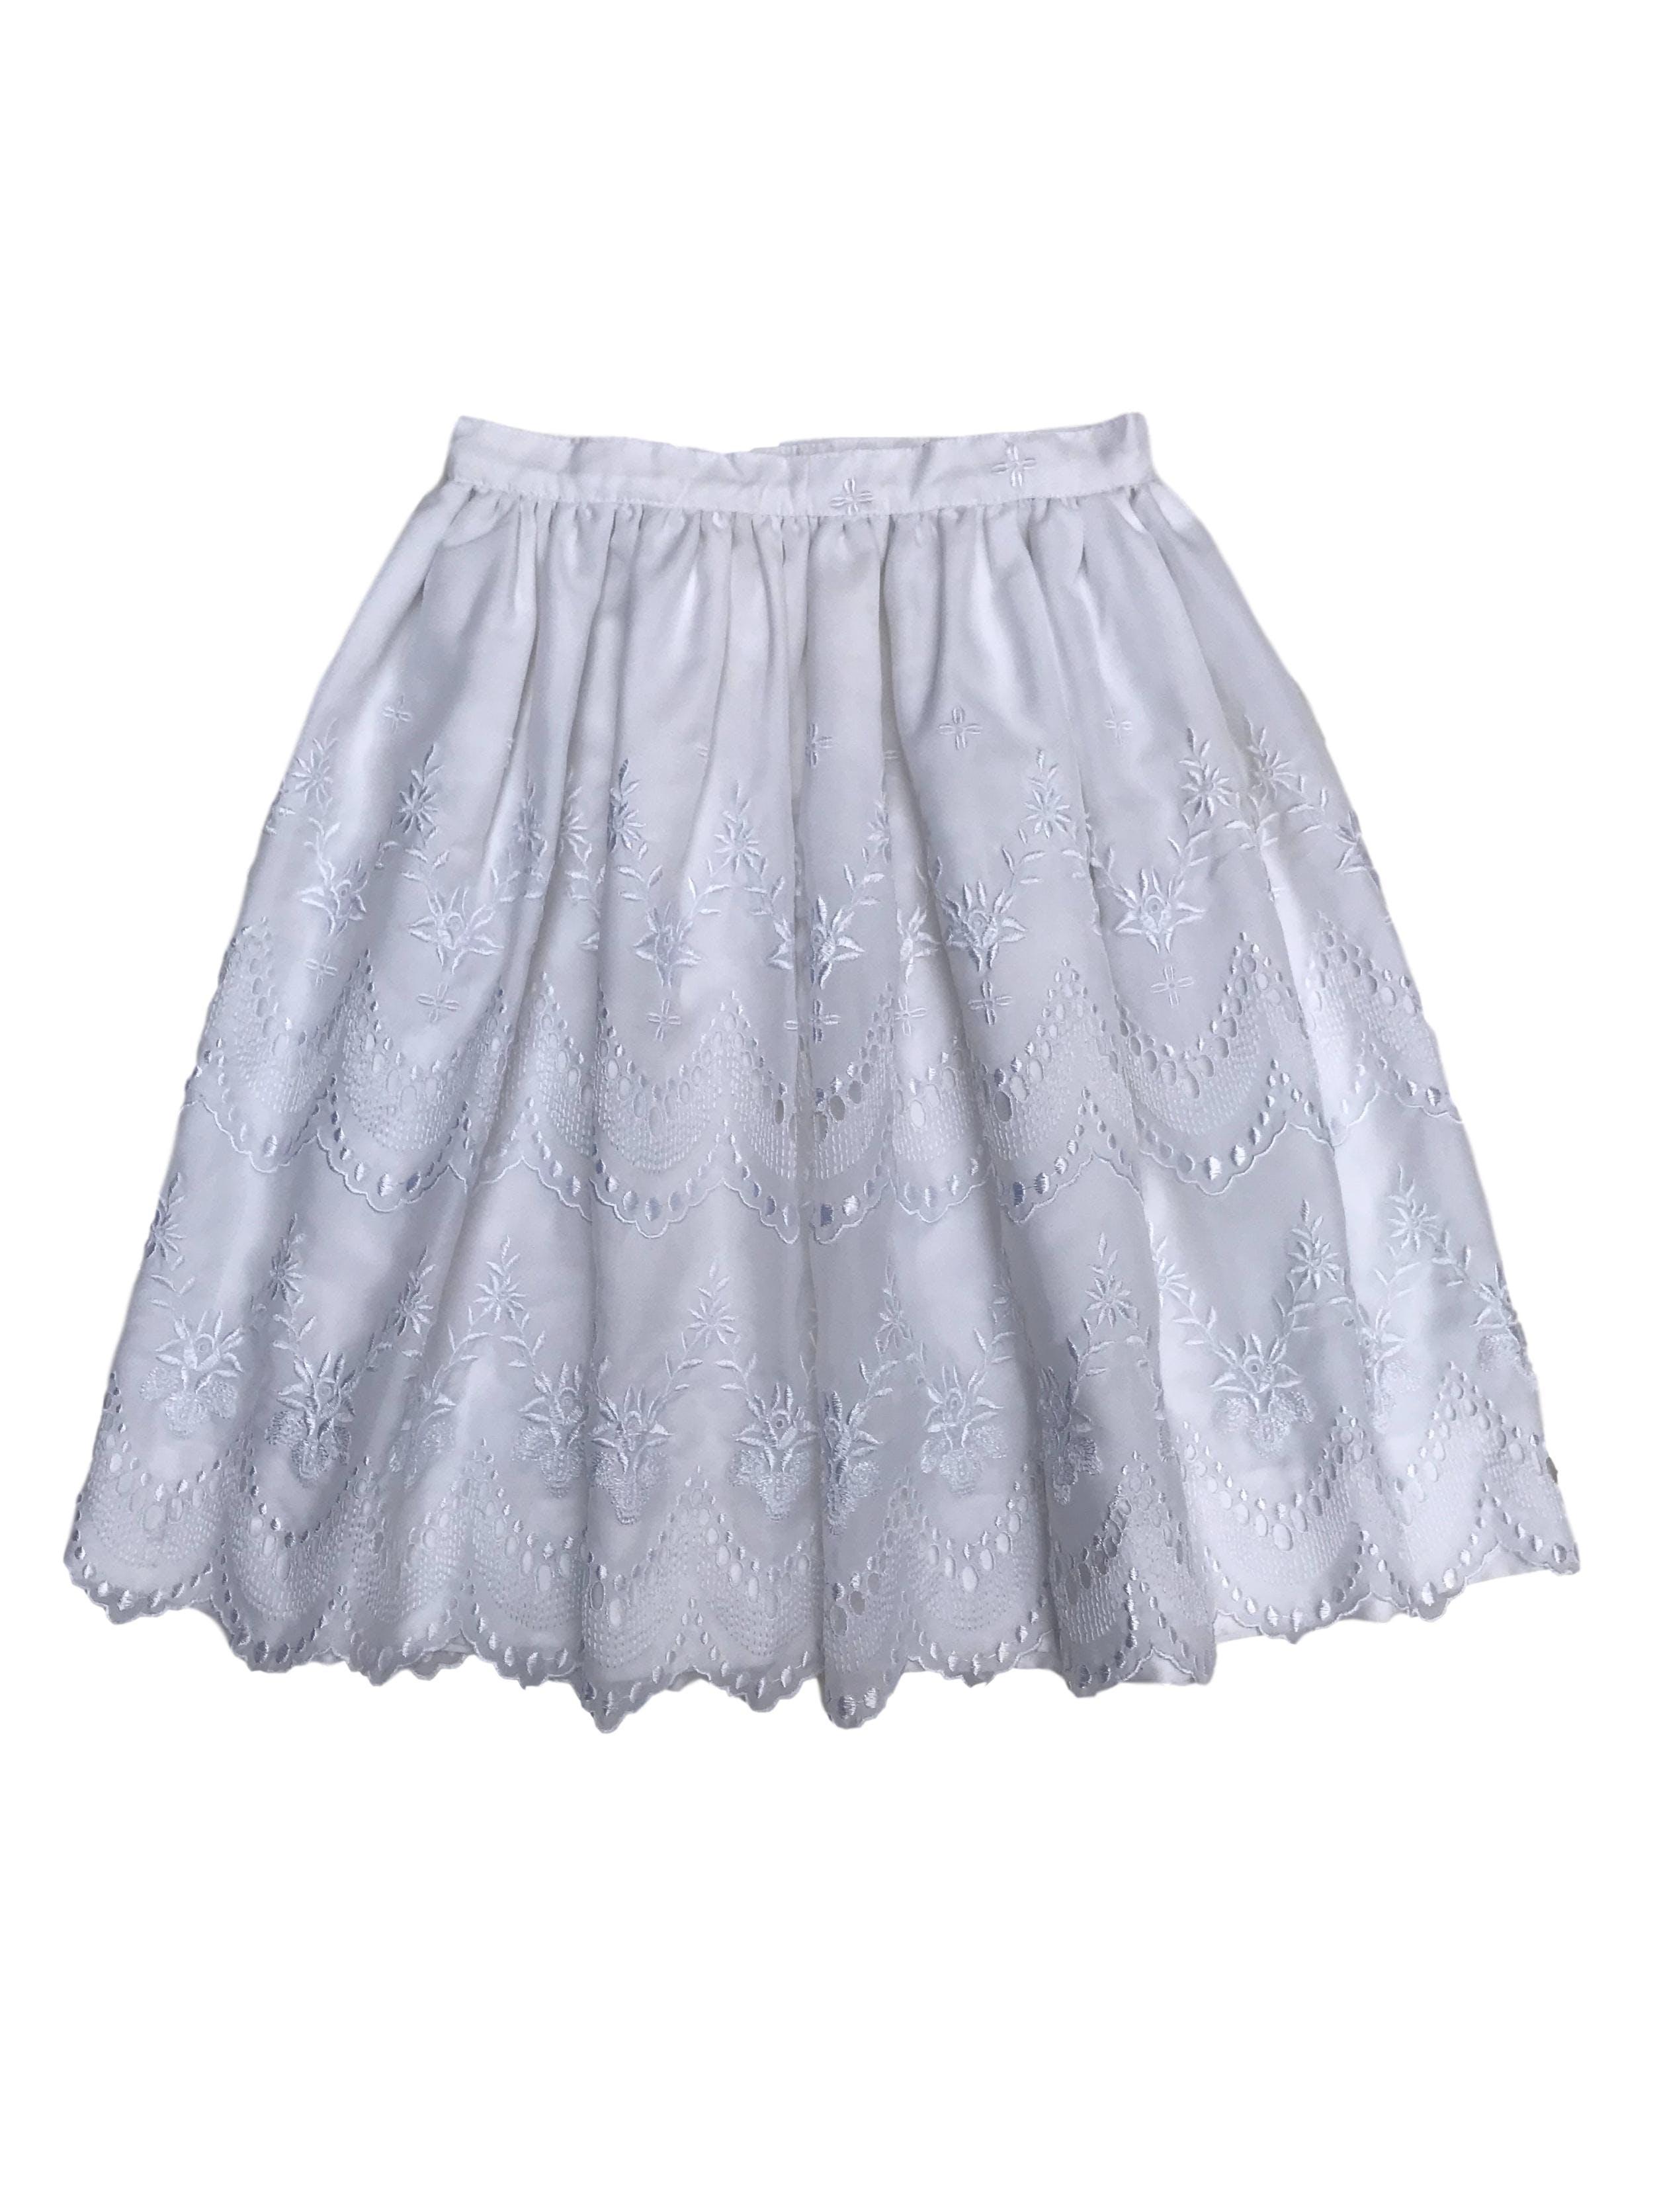 Falda con volumen y bordado al tono, forrada, con cierre y botón posterior. Cintura 70cm Largo 60cm